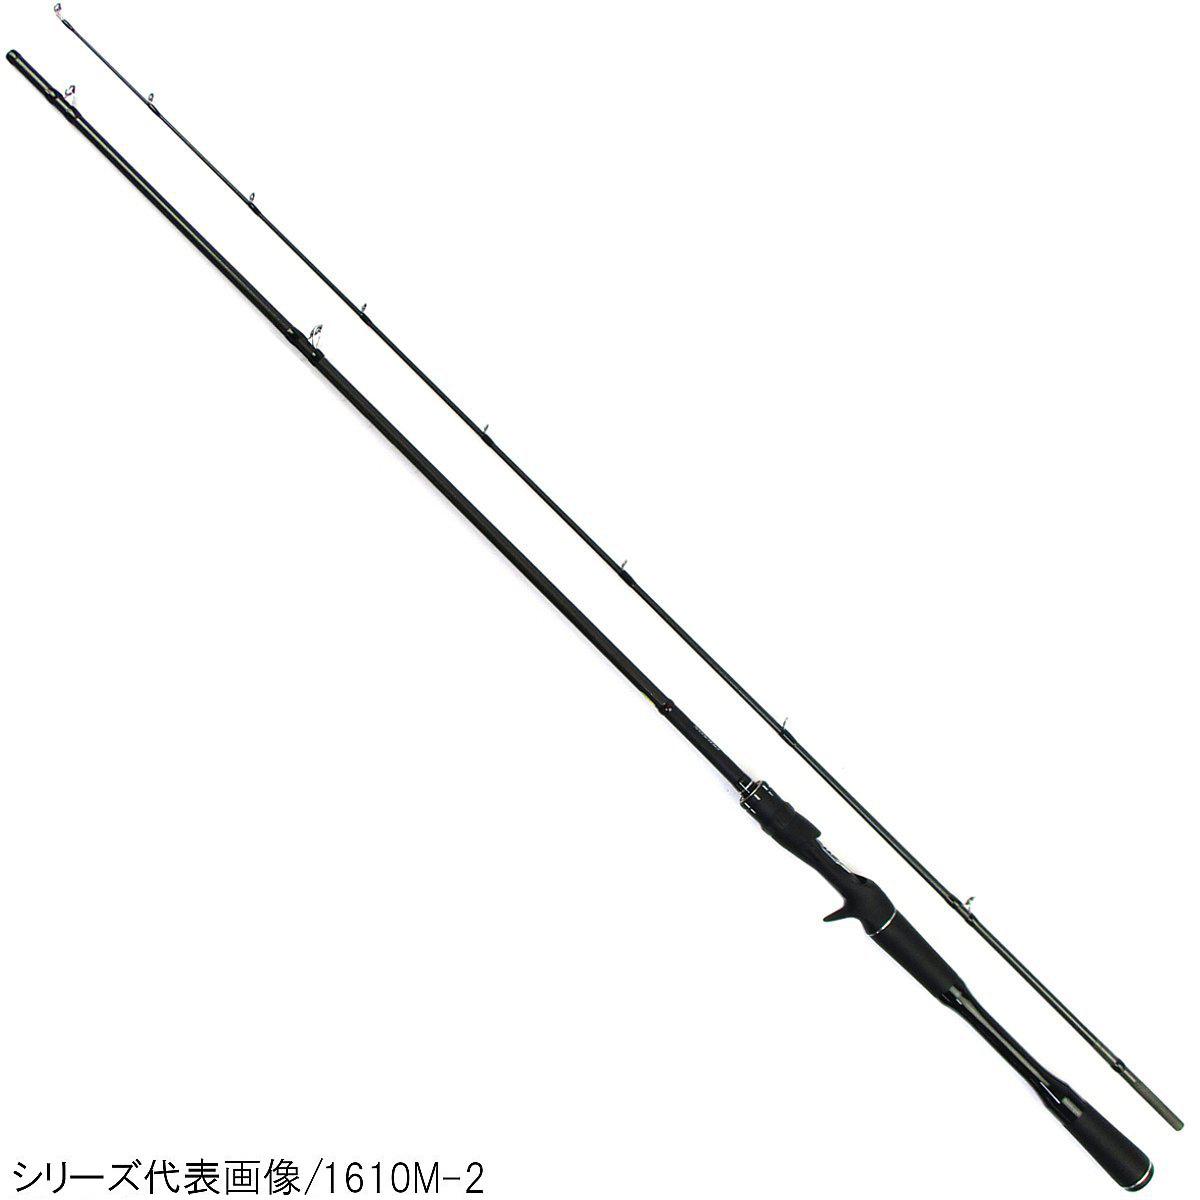 シマノ ポイズンアドレナ センターカット2ピース(ベイト) 163L-BFS/2(東日本店)